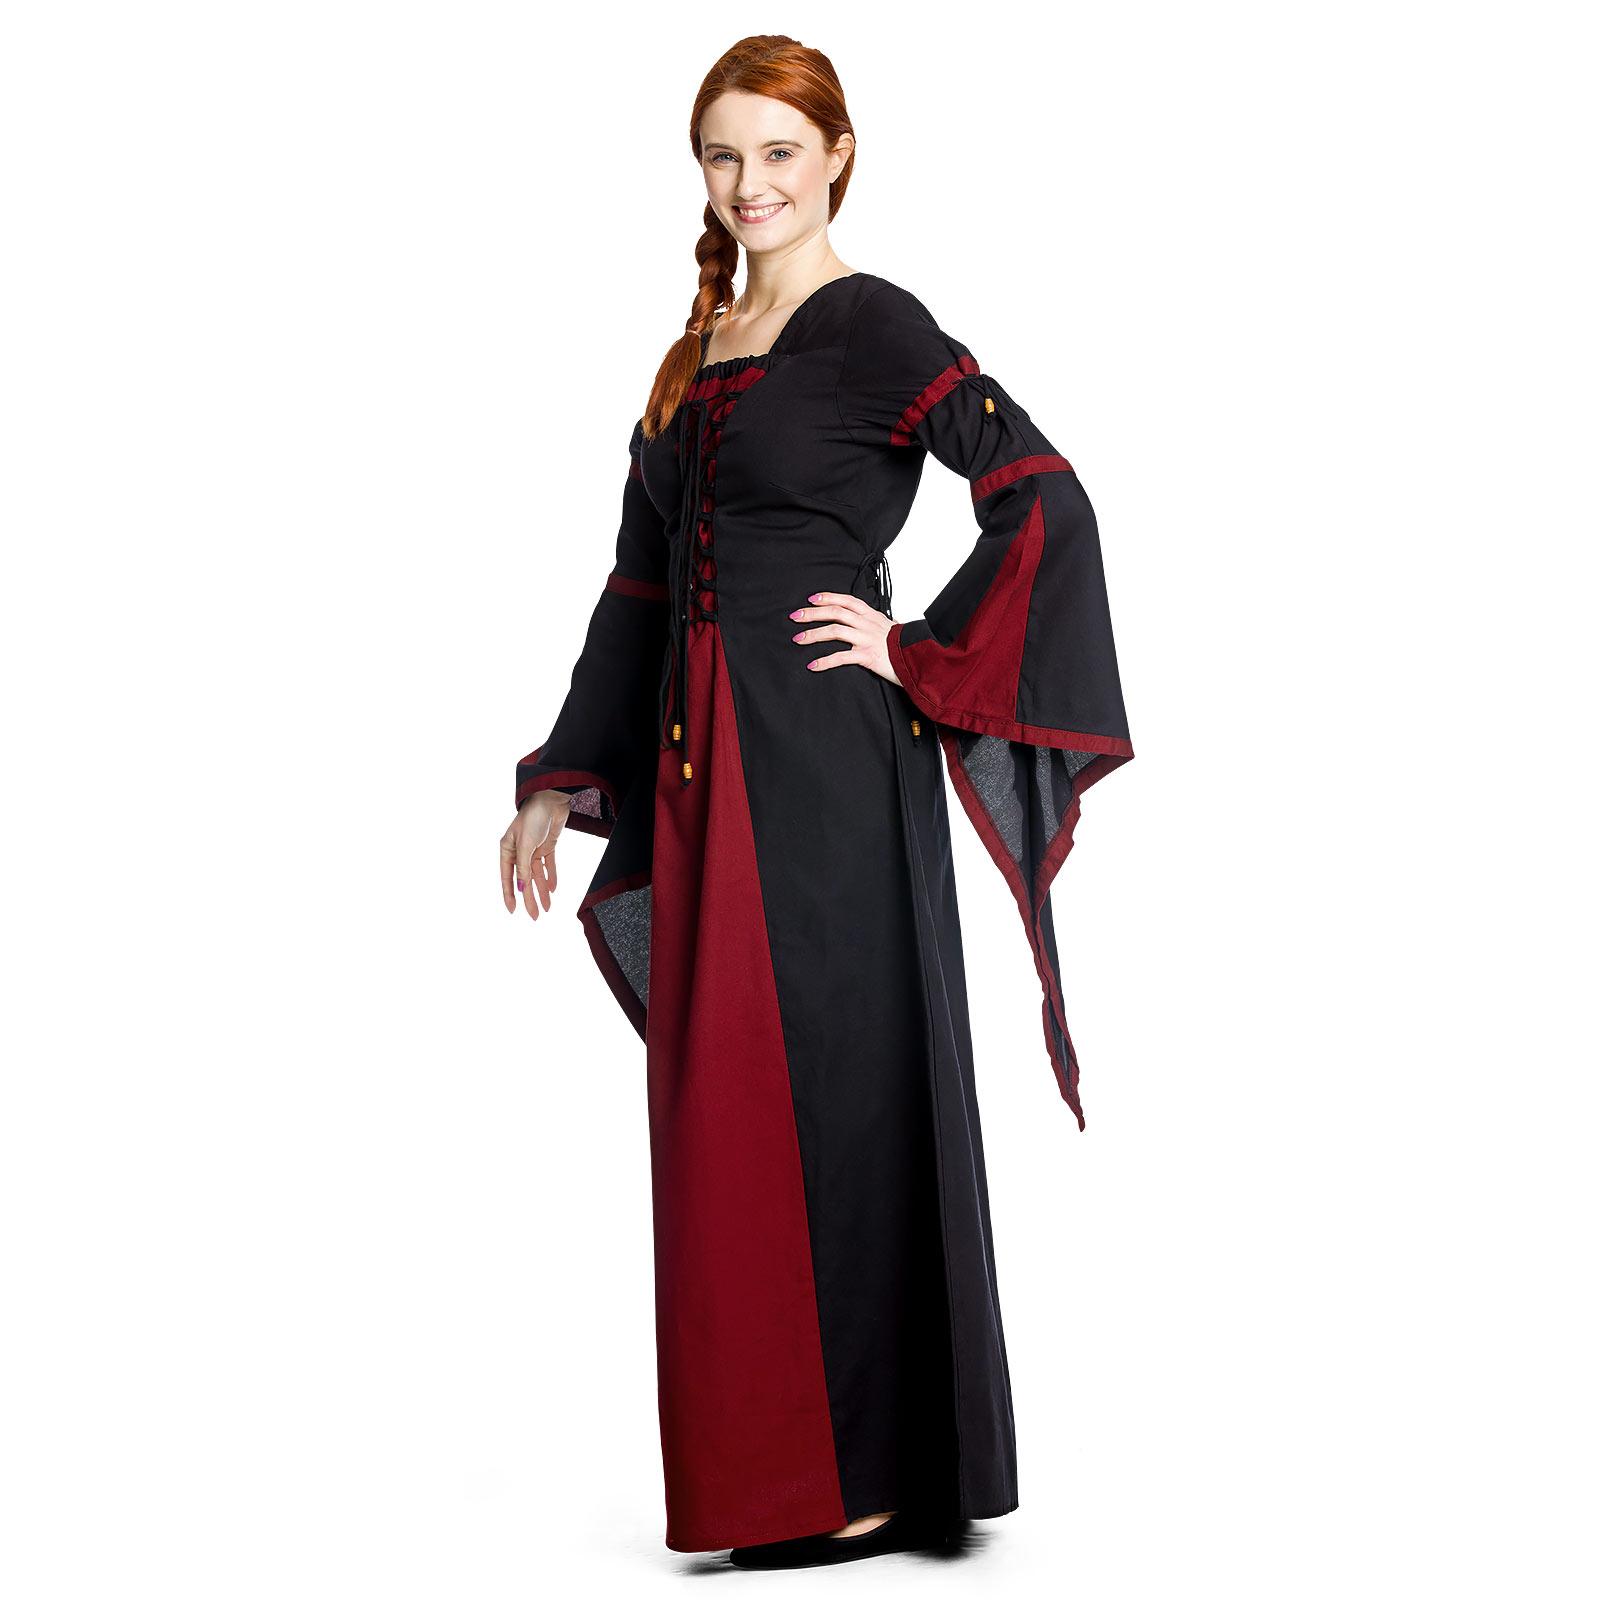 Elisa - Mittelalterkleid rot-schwarz